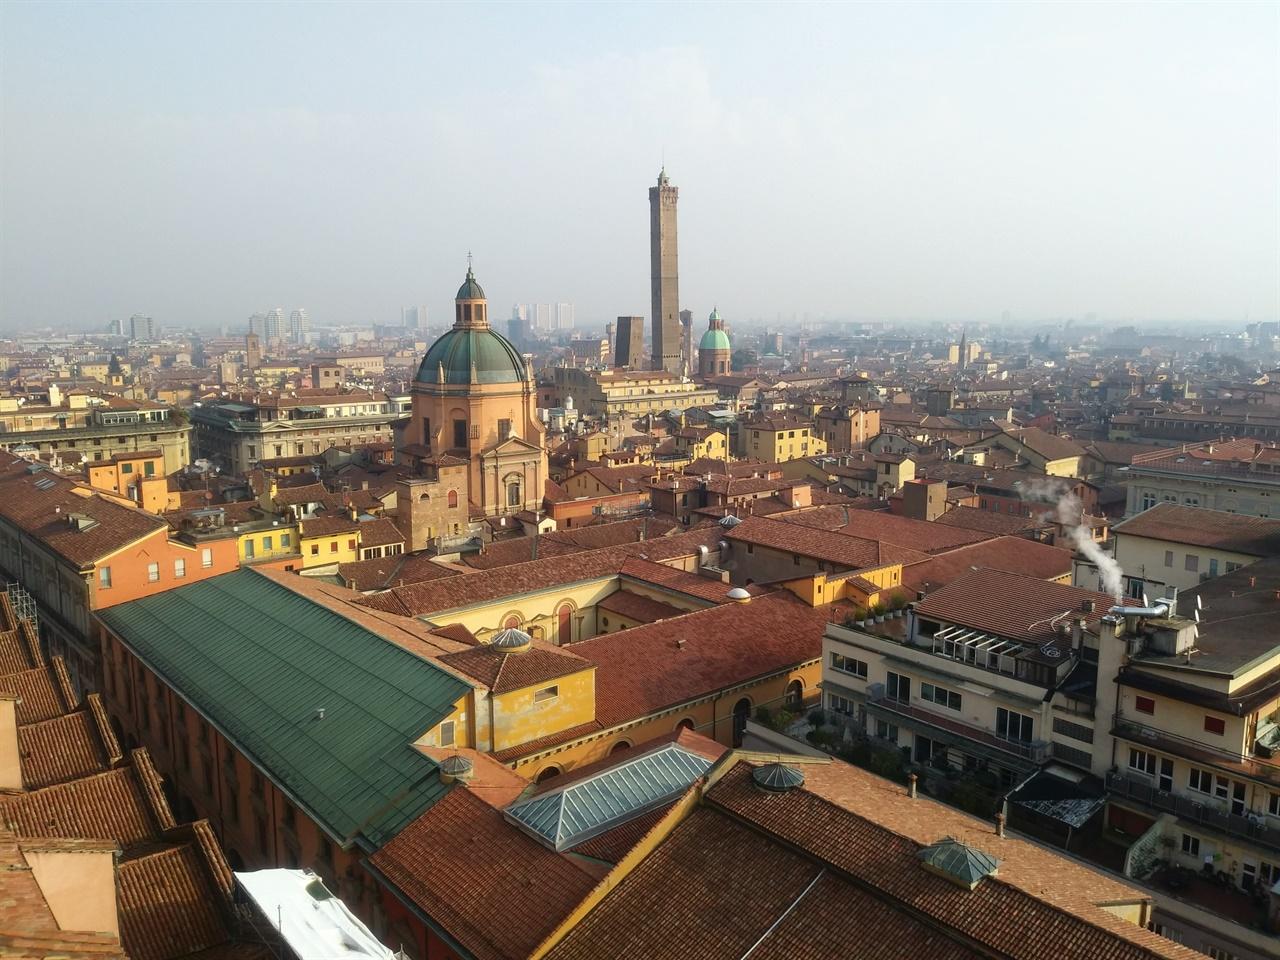 볼로냐 구시가 전경 볼로냐 대성당 테라스에서 내려다 본 구시가 전경. 건물의 지붕이 모두 붉은 색이어서 '붉은 도시'라는 별칭이 생겼다는 주장은 조금 어색해보인다.